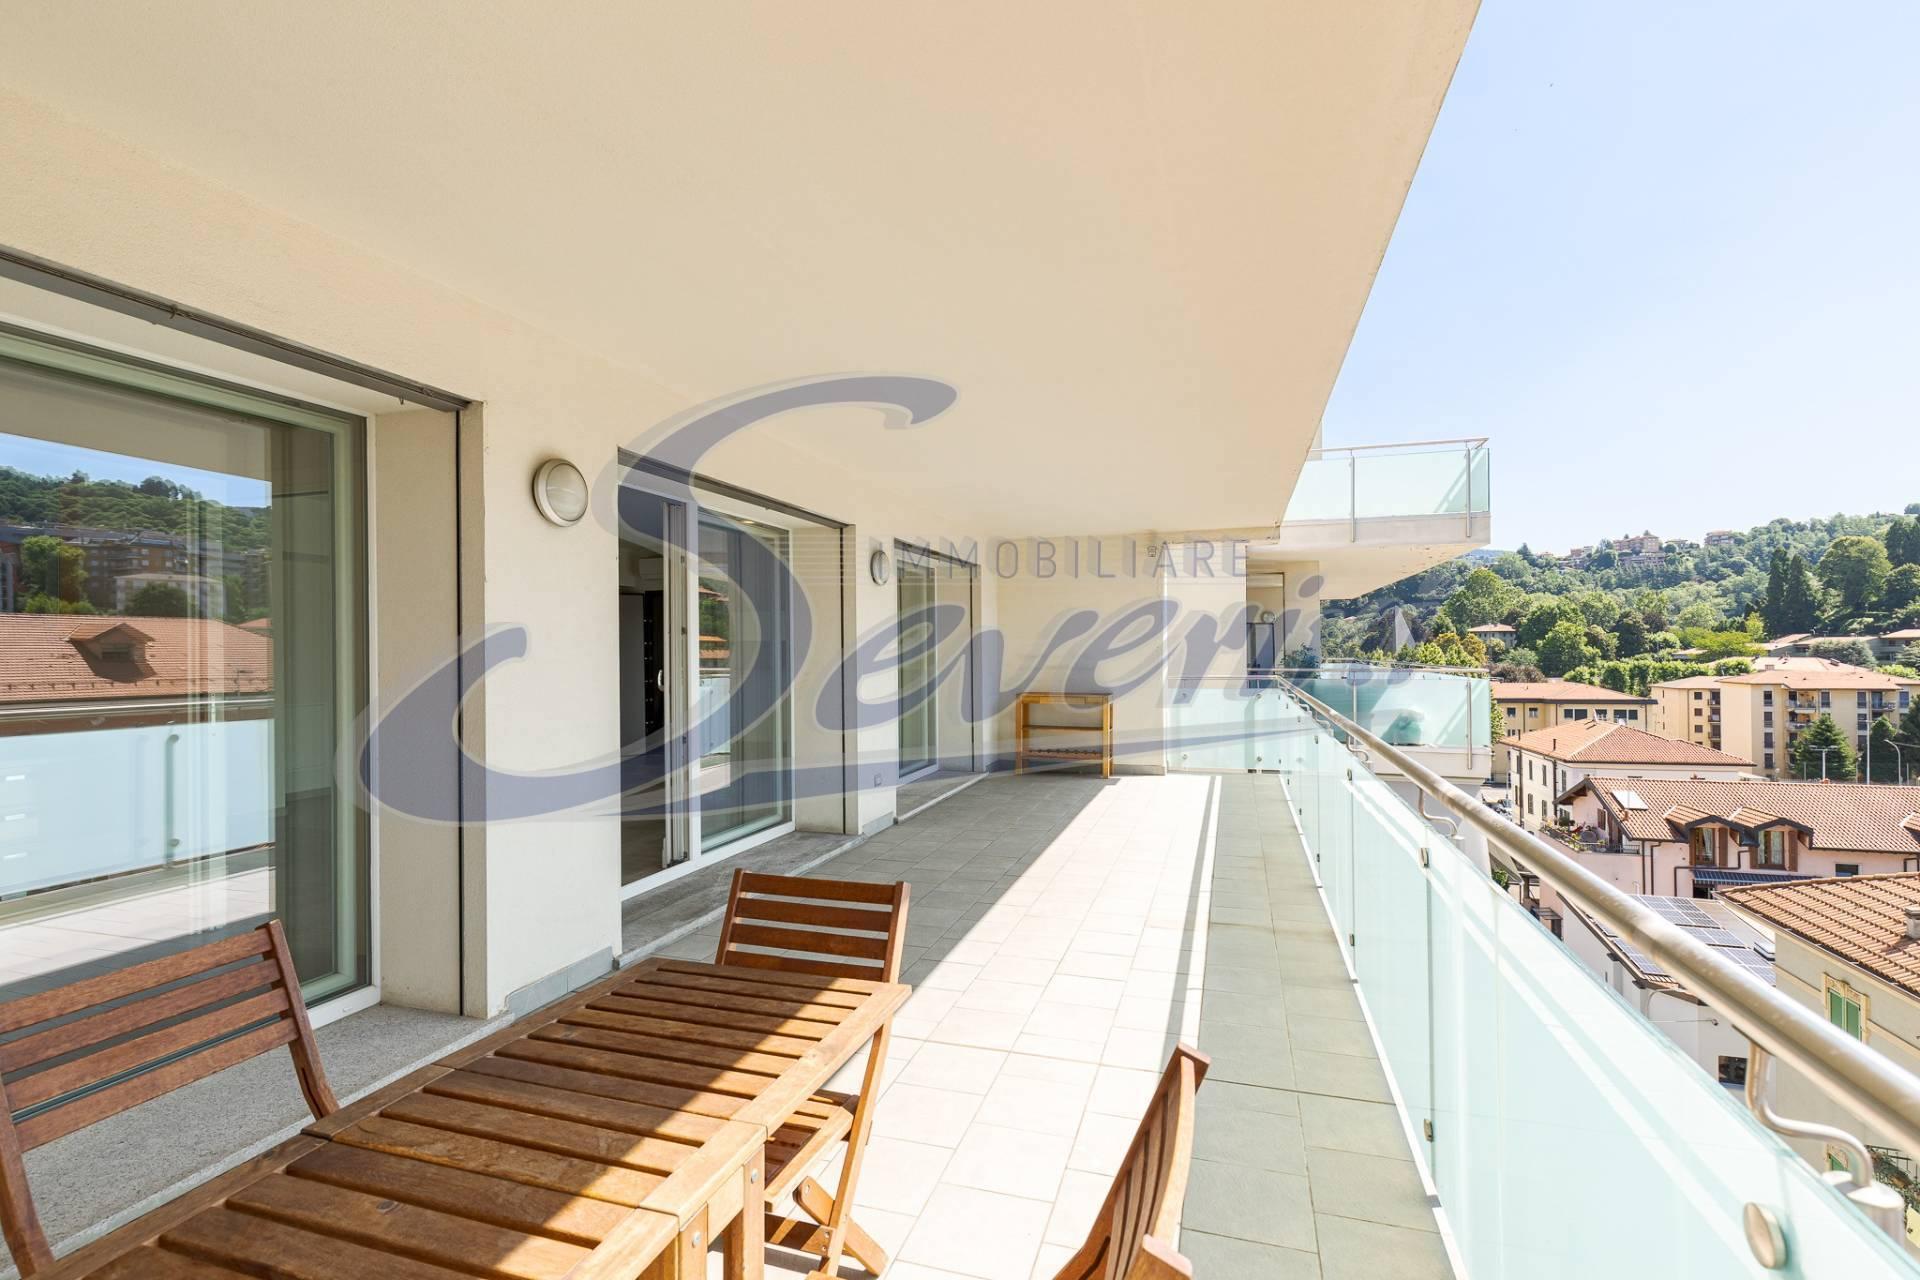 Appartamento in vendita a Como, 6 locali, zona Località: G.Cesare-S.Giuseppe, prezzo € 690.000 | PortaleAgenzieImmobiliari.it